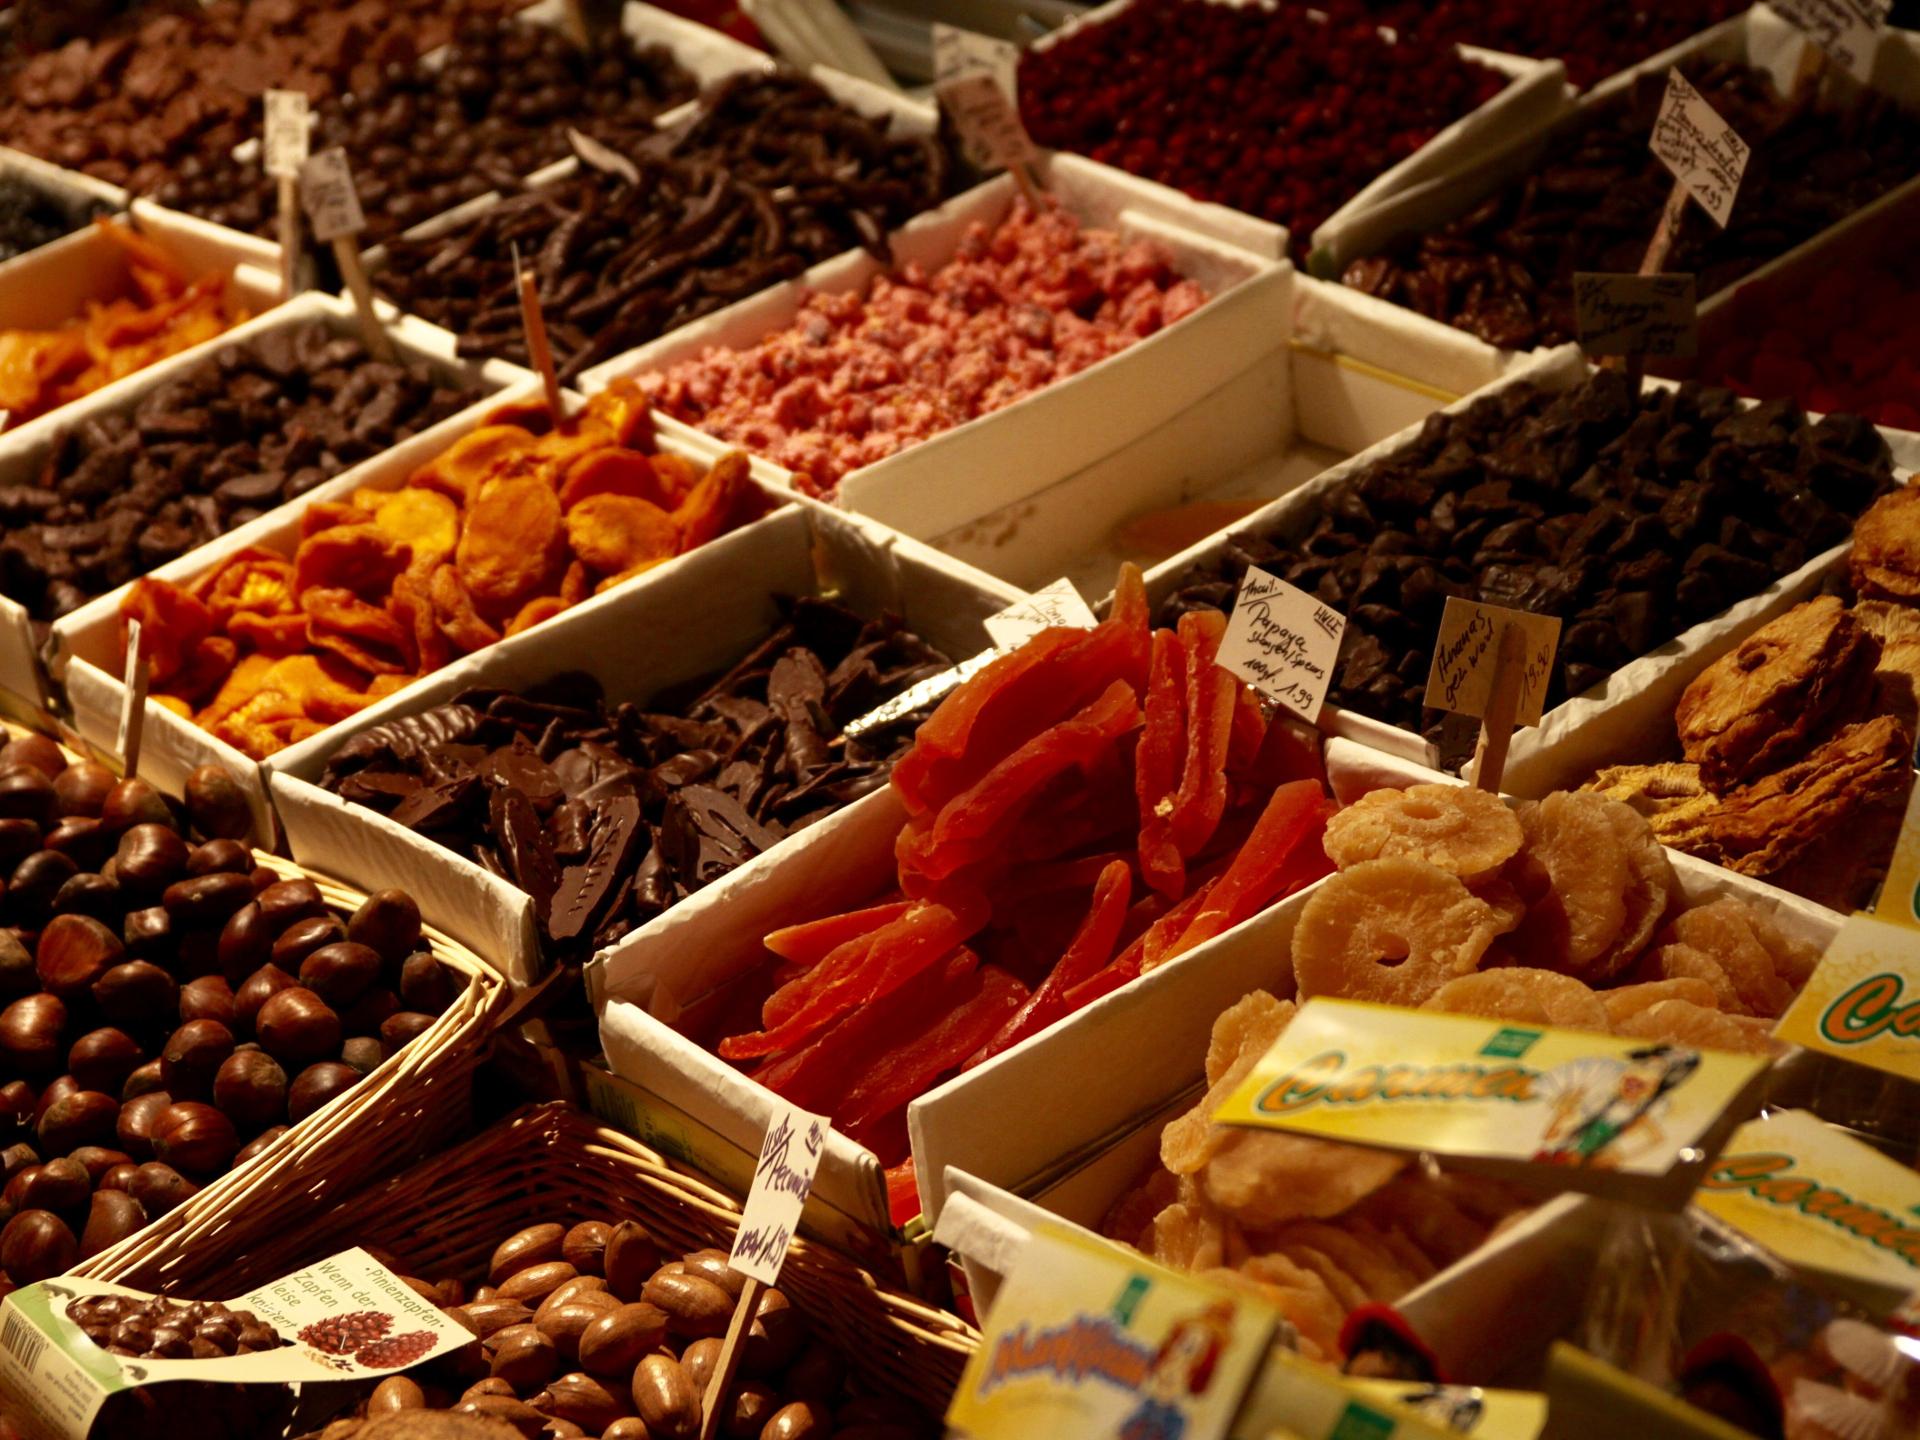 Die getrockneten Früchte auf Märkten sind oft speziell behandelt und sehen daher anders aus als die selbst getrockneten - Photocredit: pixabay.com/butterflyinjune